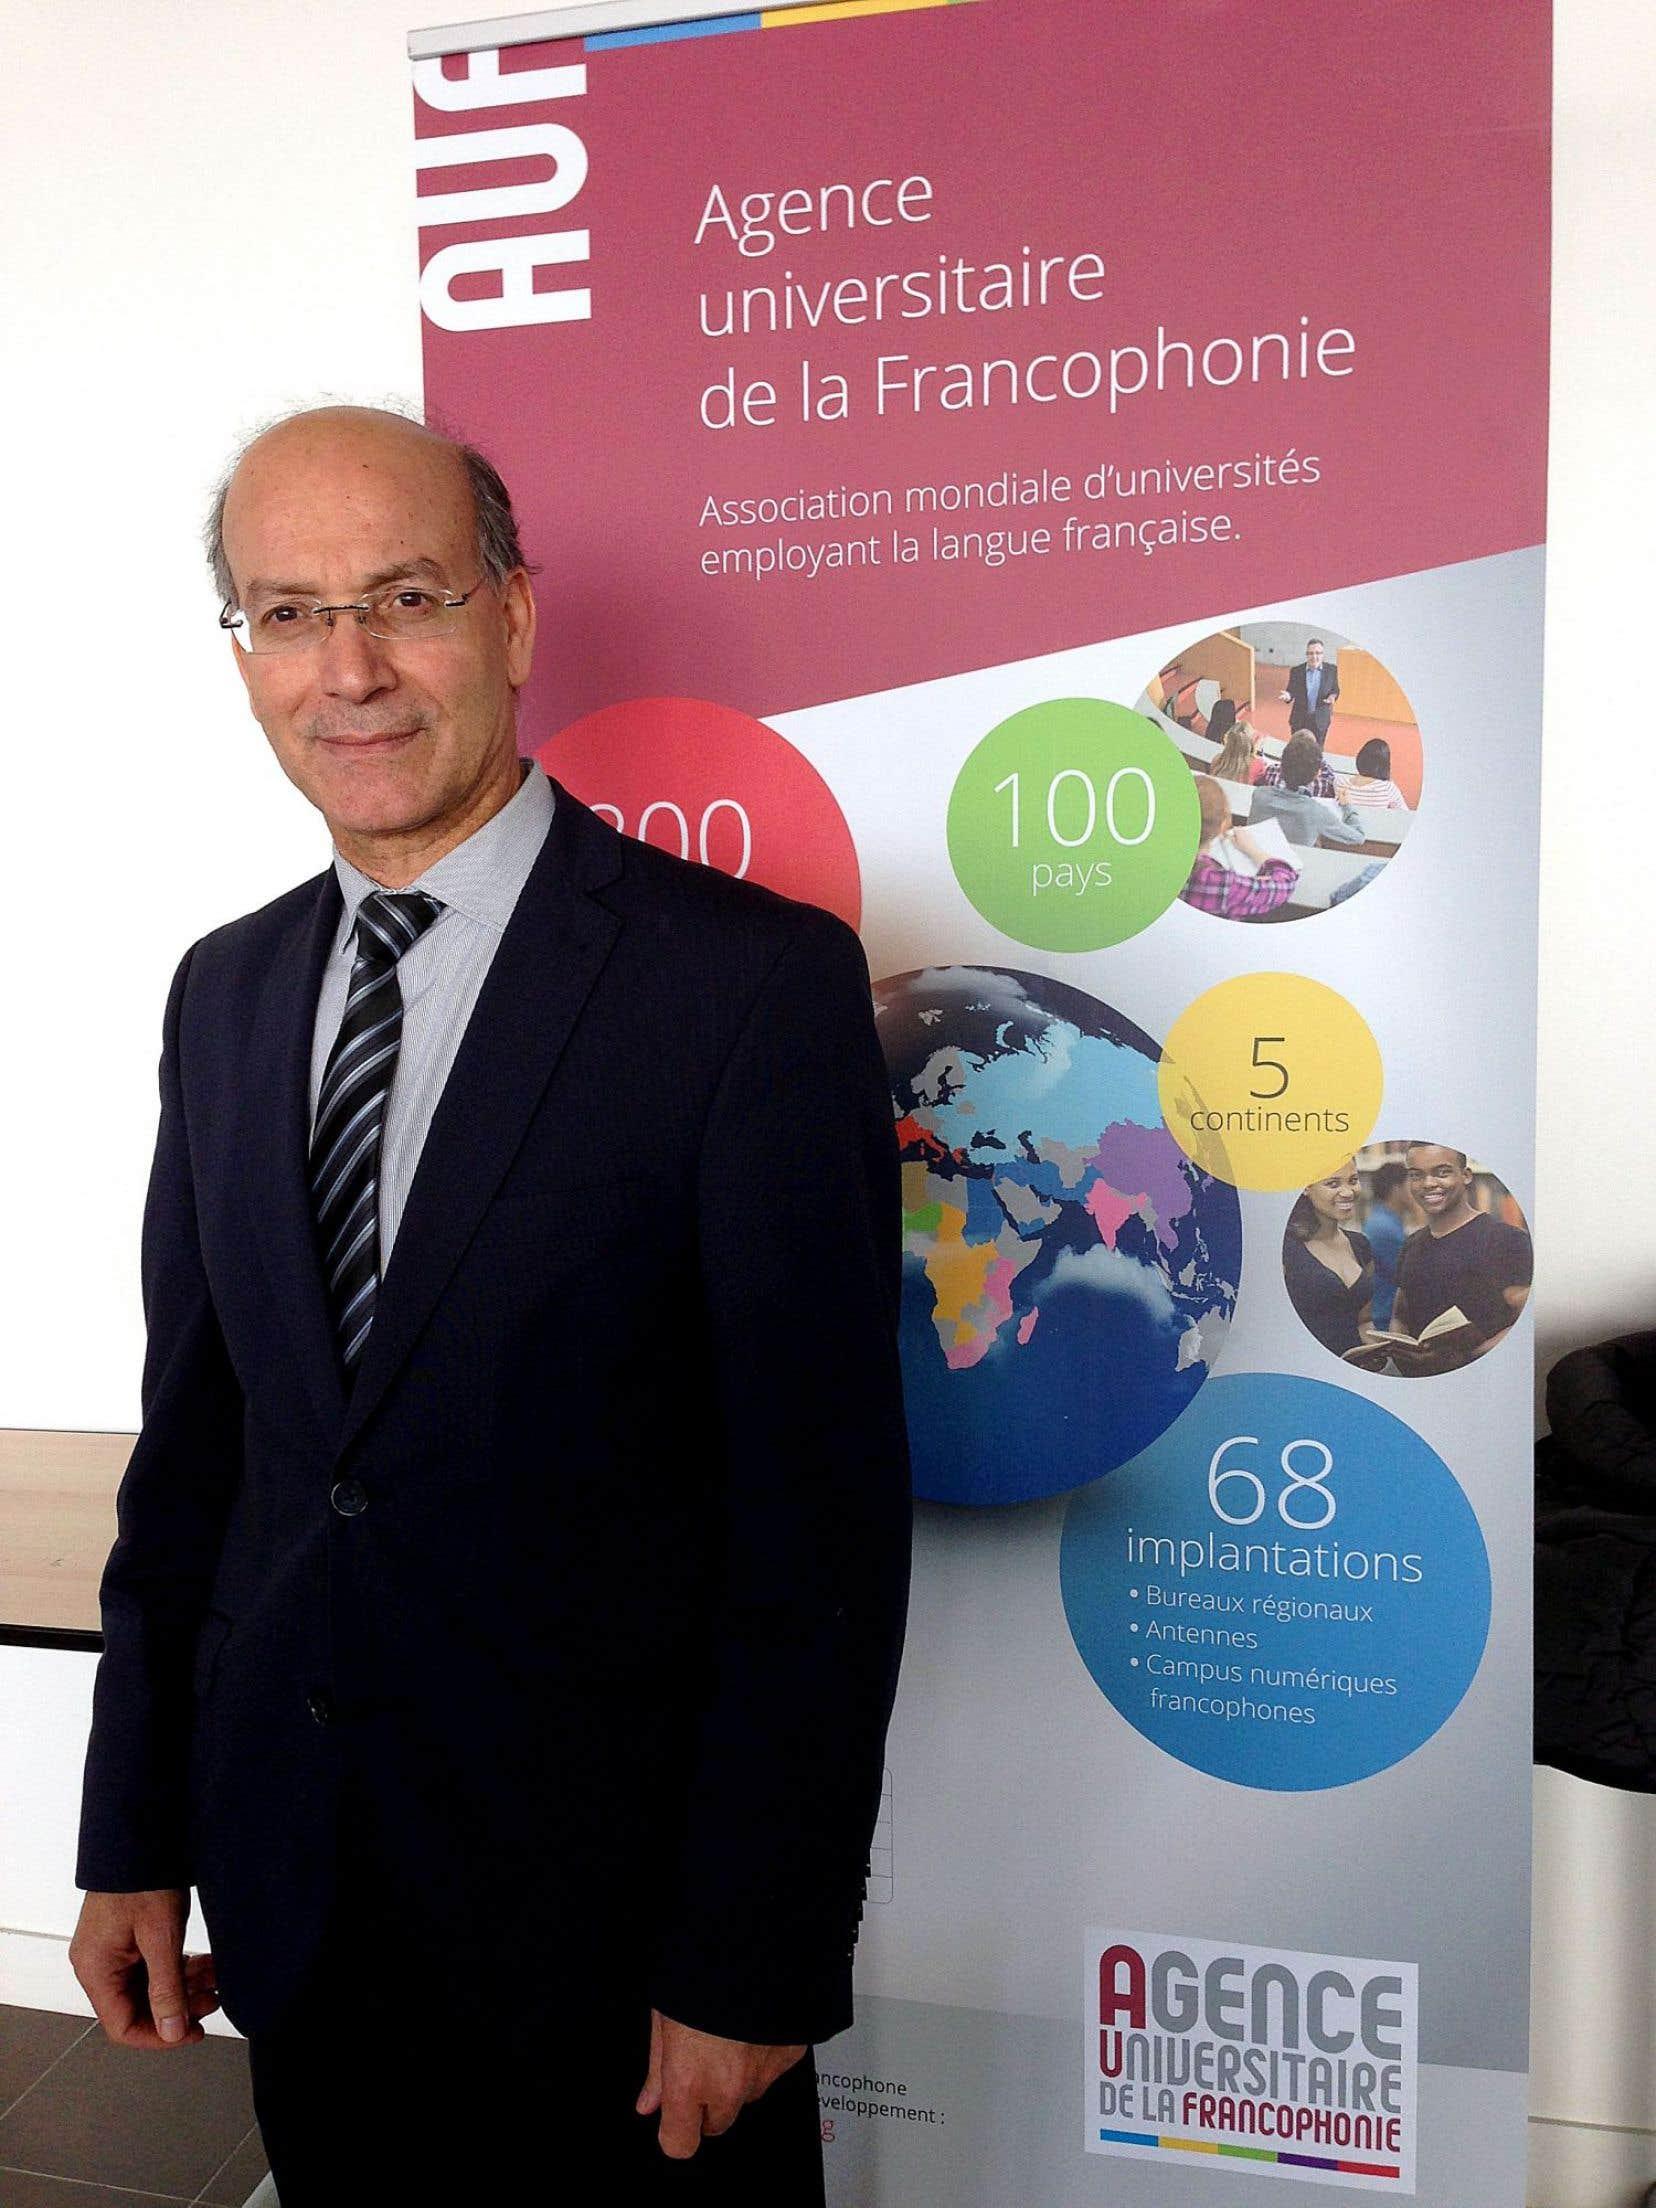 «Nous constatons donc que les collèges doctoraux sont de véritables accélérateurs de soutenance de thèse», ditKhalef Boulkroune, coordonnateur du pôle Accompagnement des projets régionaux et des réseaux universitaires de l'AUF.